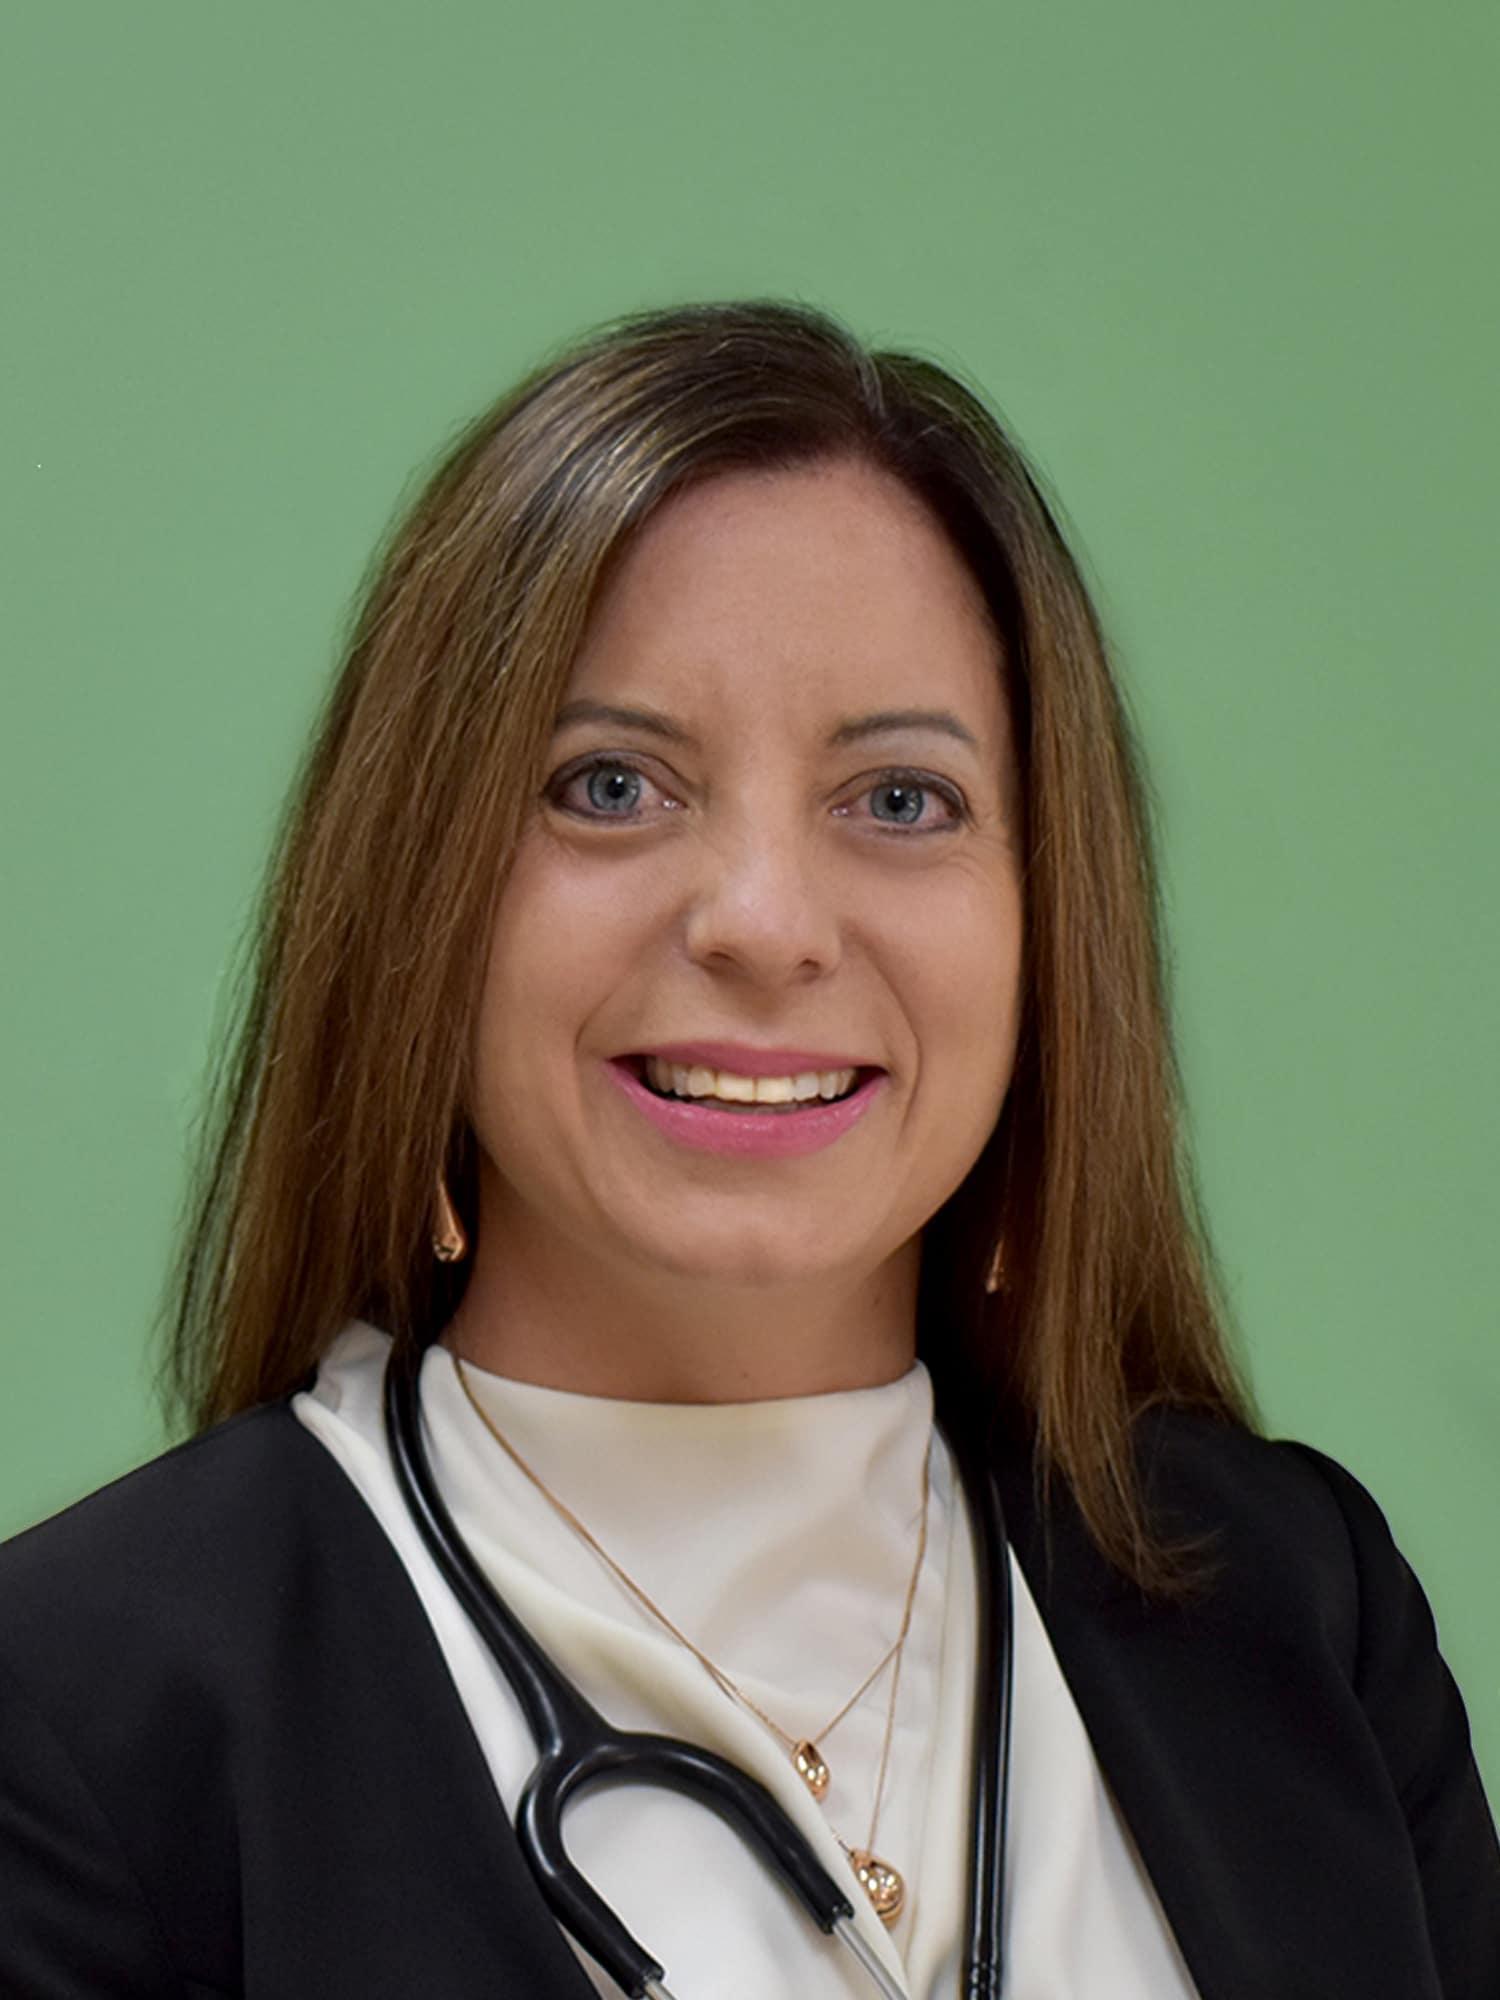 Pamela Becker, MSN, NP-C Headshot